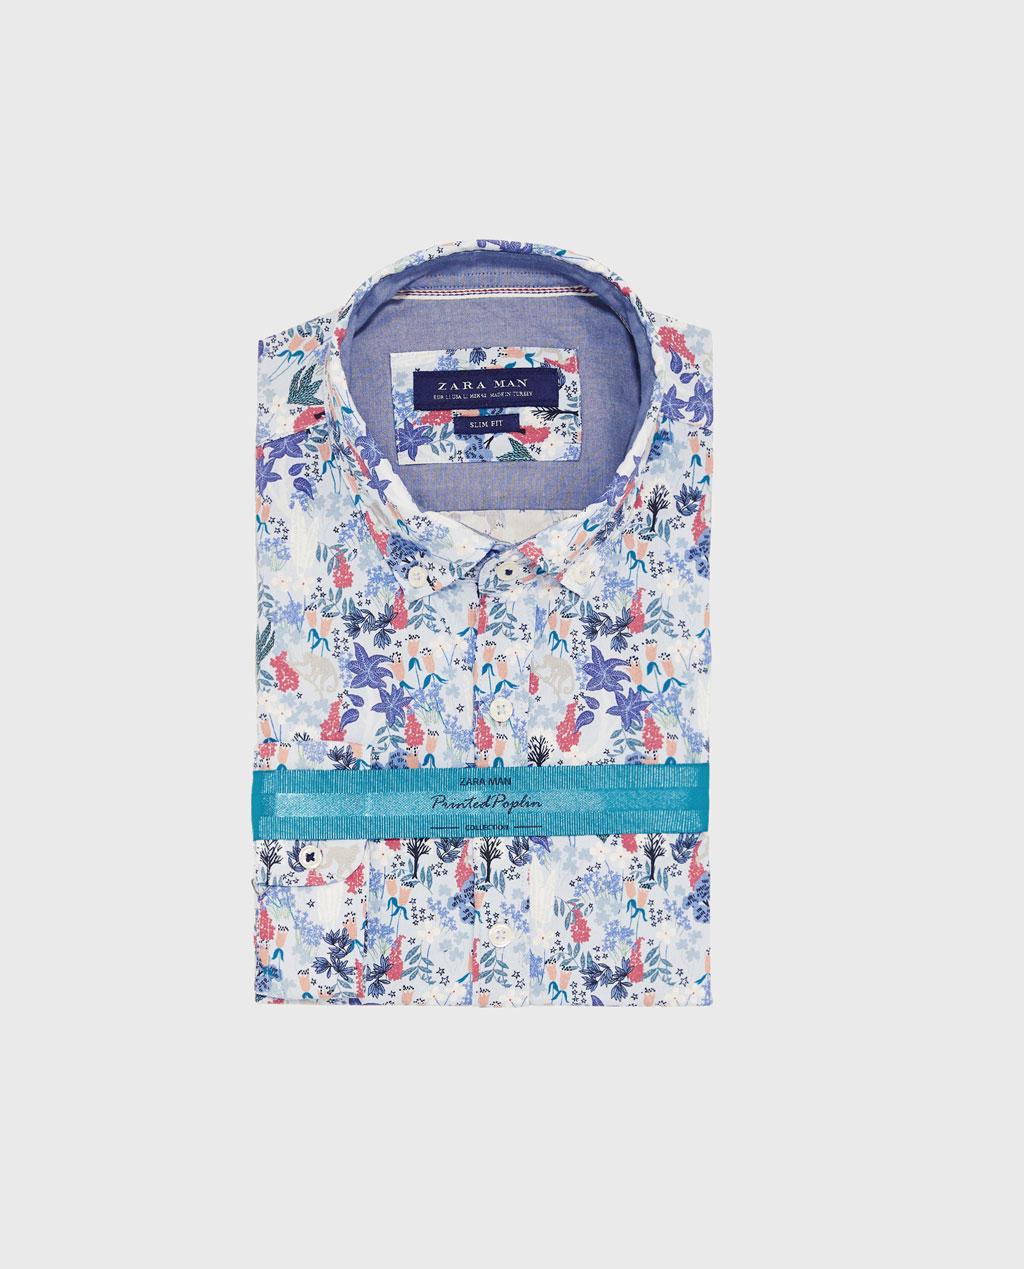 Thời trang nam Zara  24036 - ảnh 8